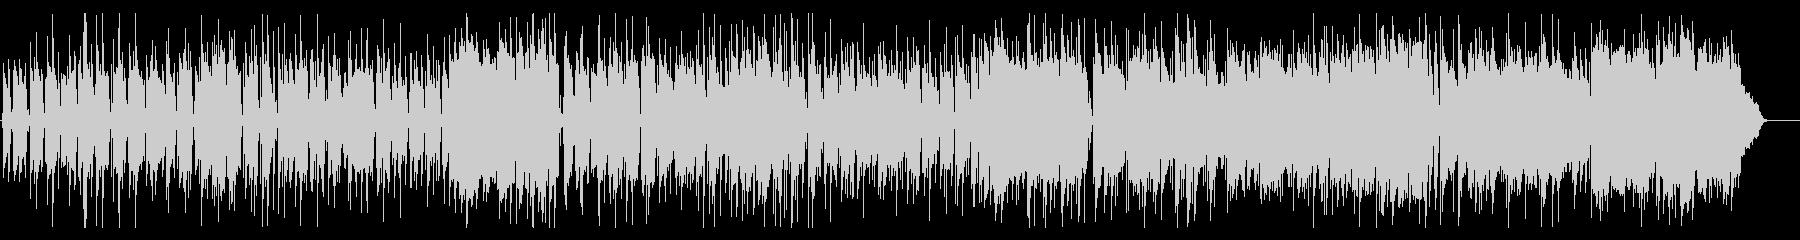 三拍子のピアノがメインのコミカルなBGMの未再生の波形